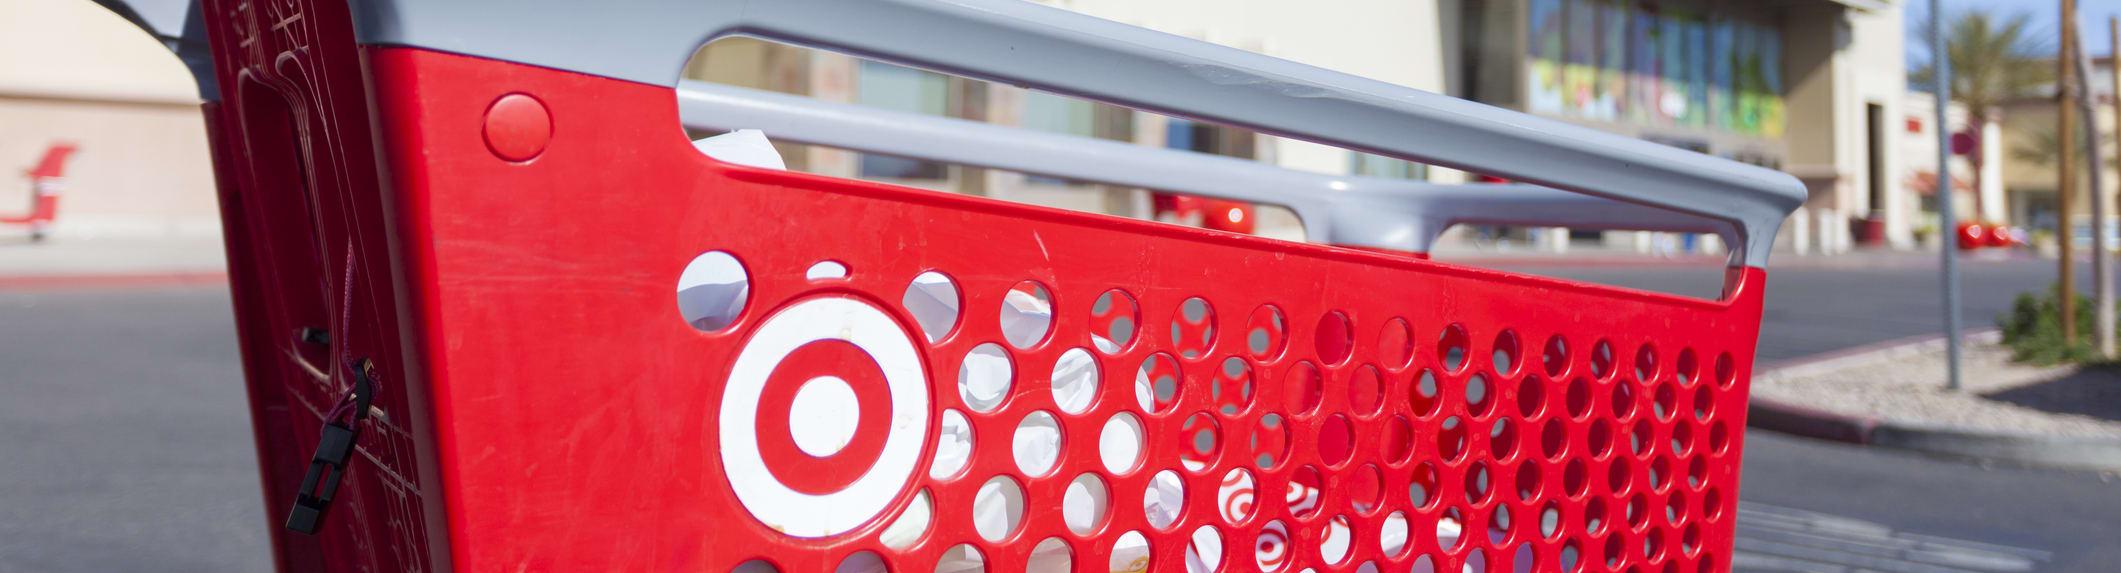 shopping cart in Target lot